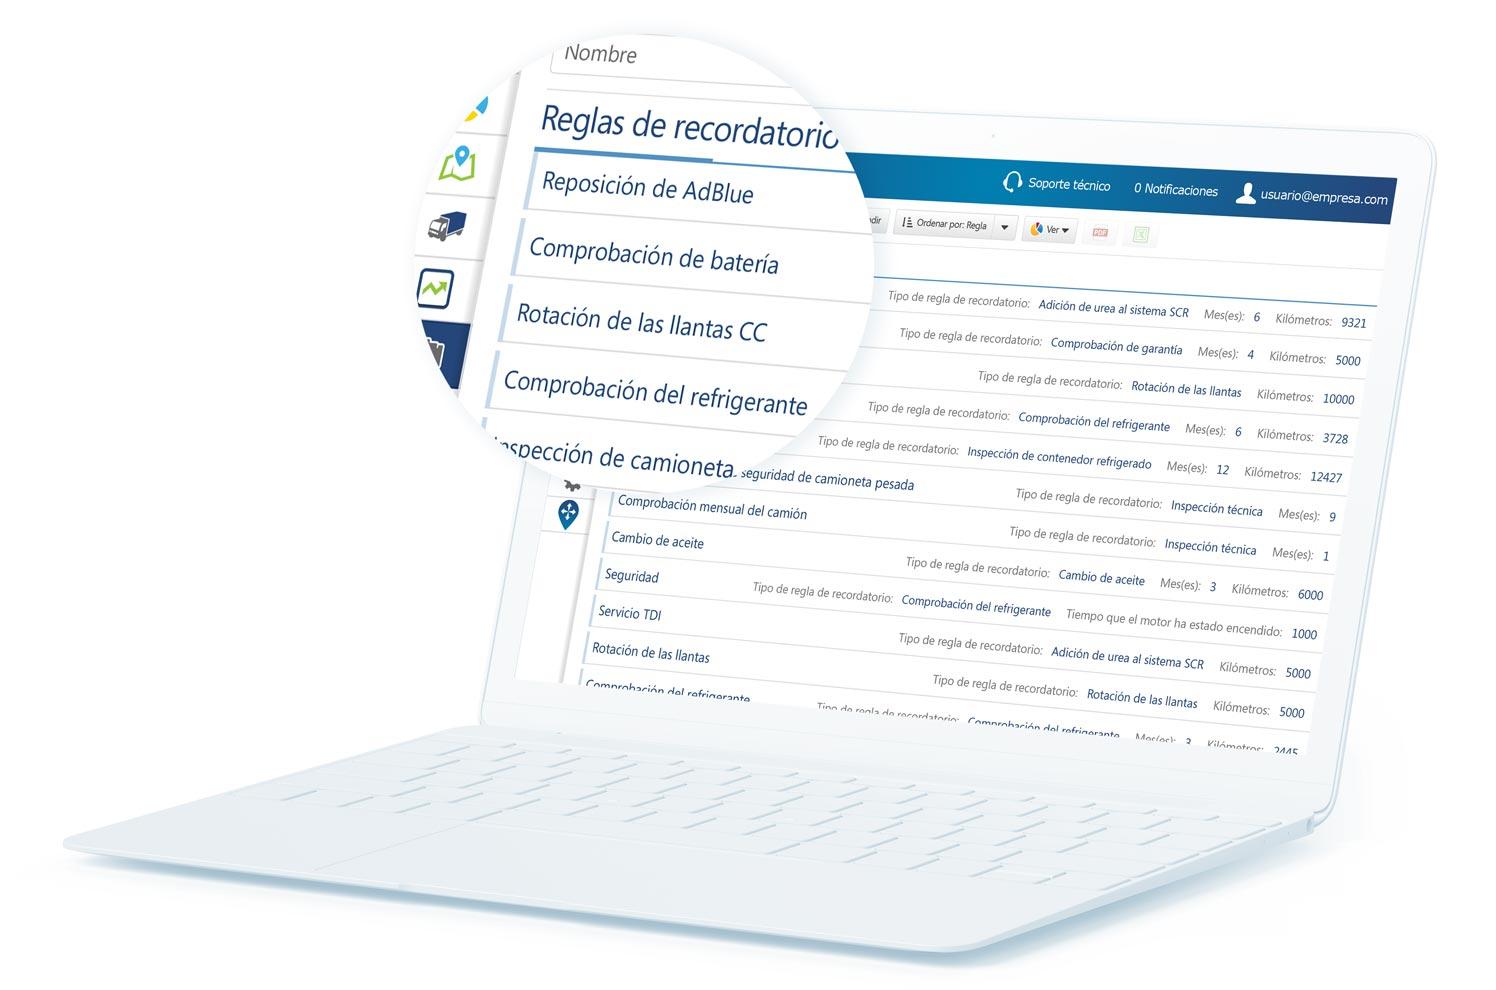 Reglas de recordatorio de mantenimiento de MyGeotab mostradas en un portátil blanco con un globo que amplía parte del contenido